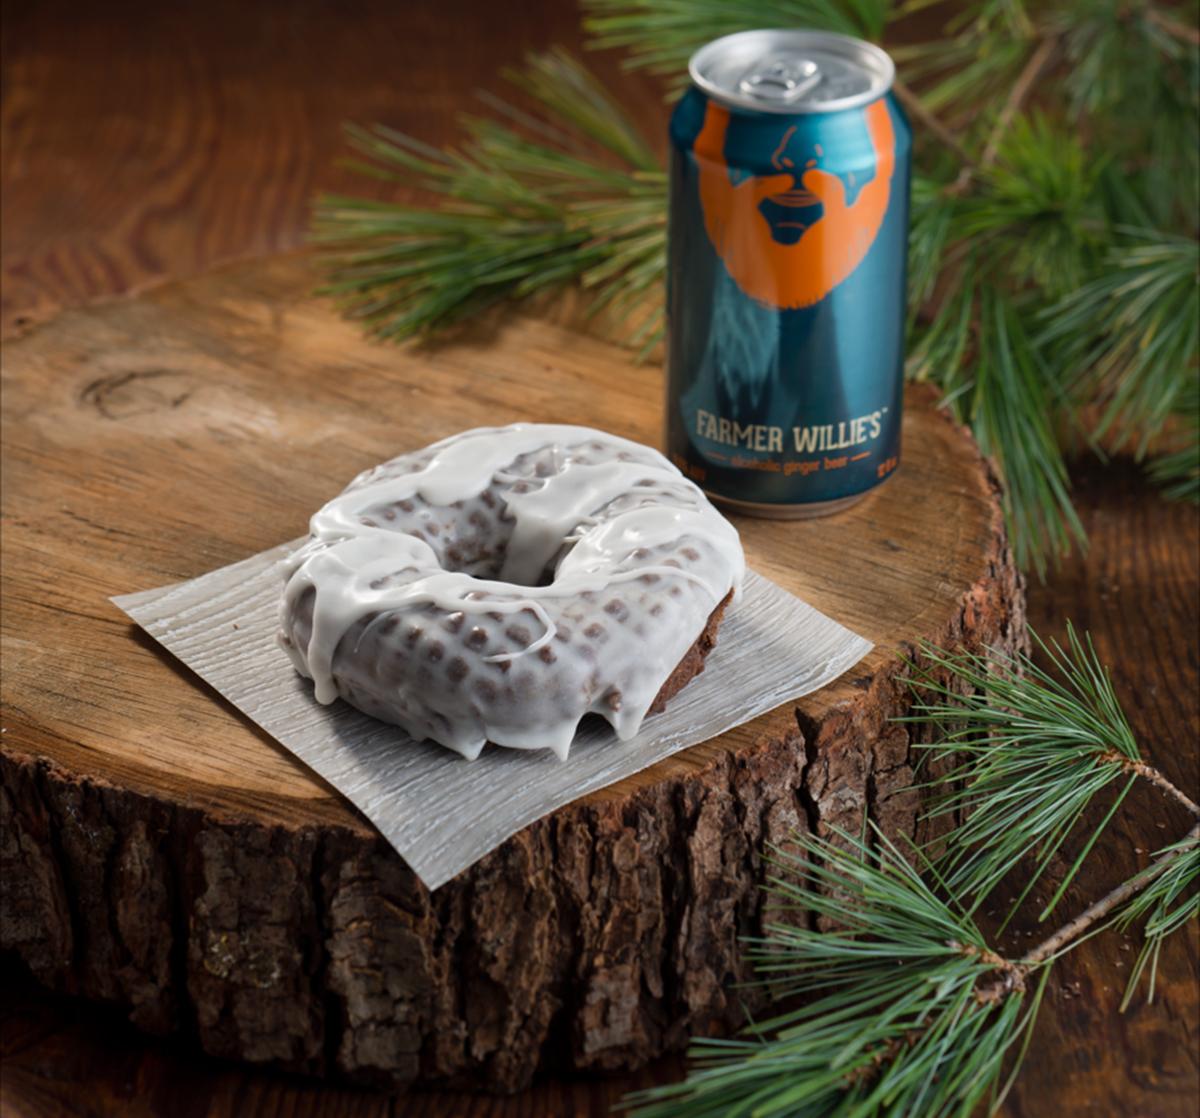 Kane's Farmer Willie's doughnut